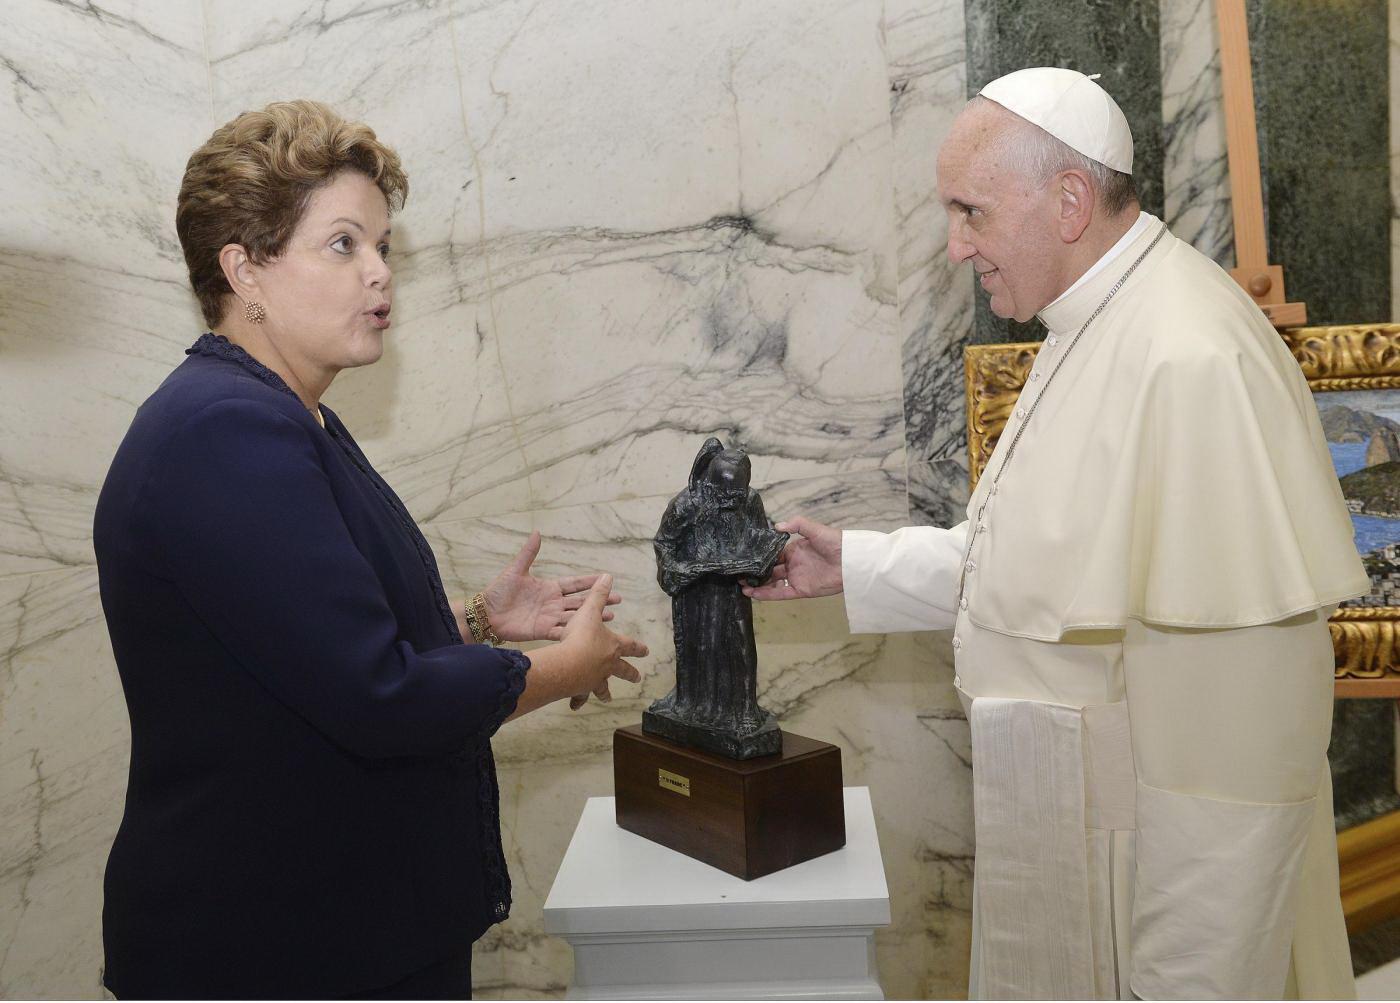 Quanto costa il viaggio di papa francesco in brasile for Quanto costa il pex